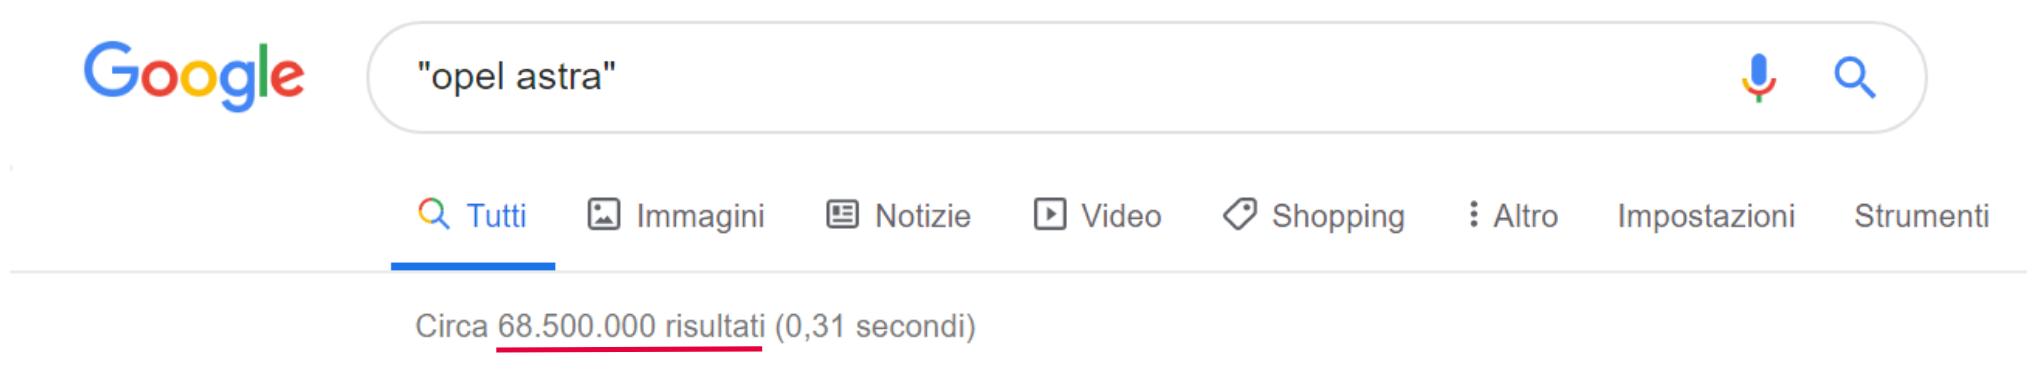 Ricerca su Google con virgolette